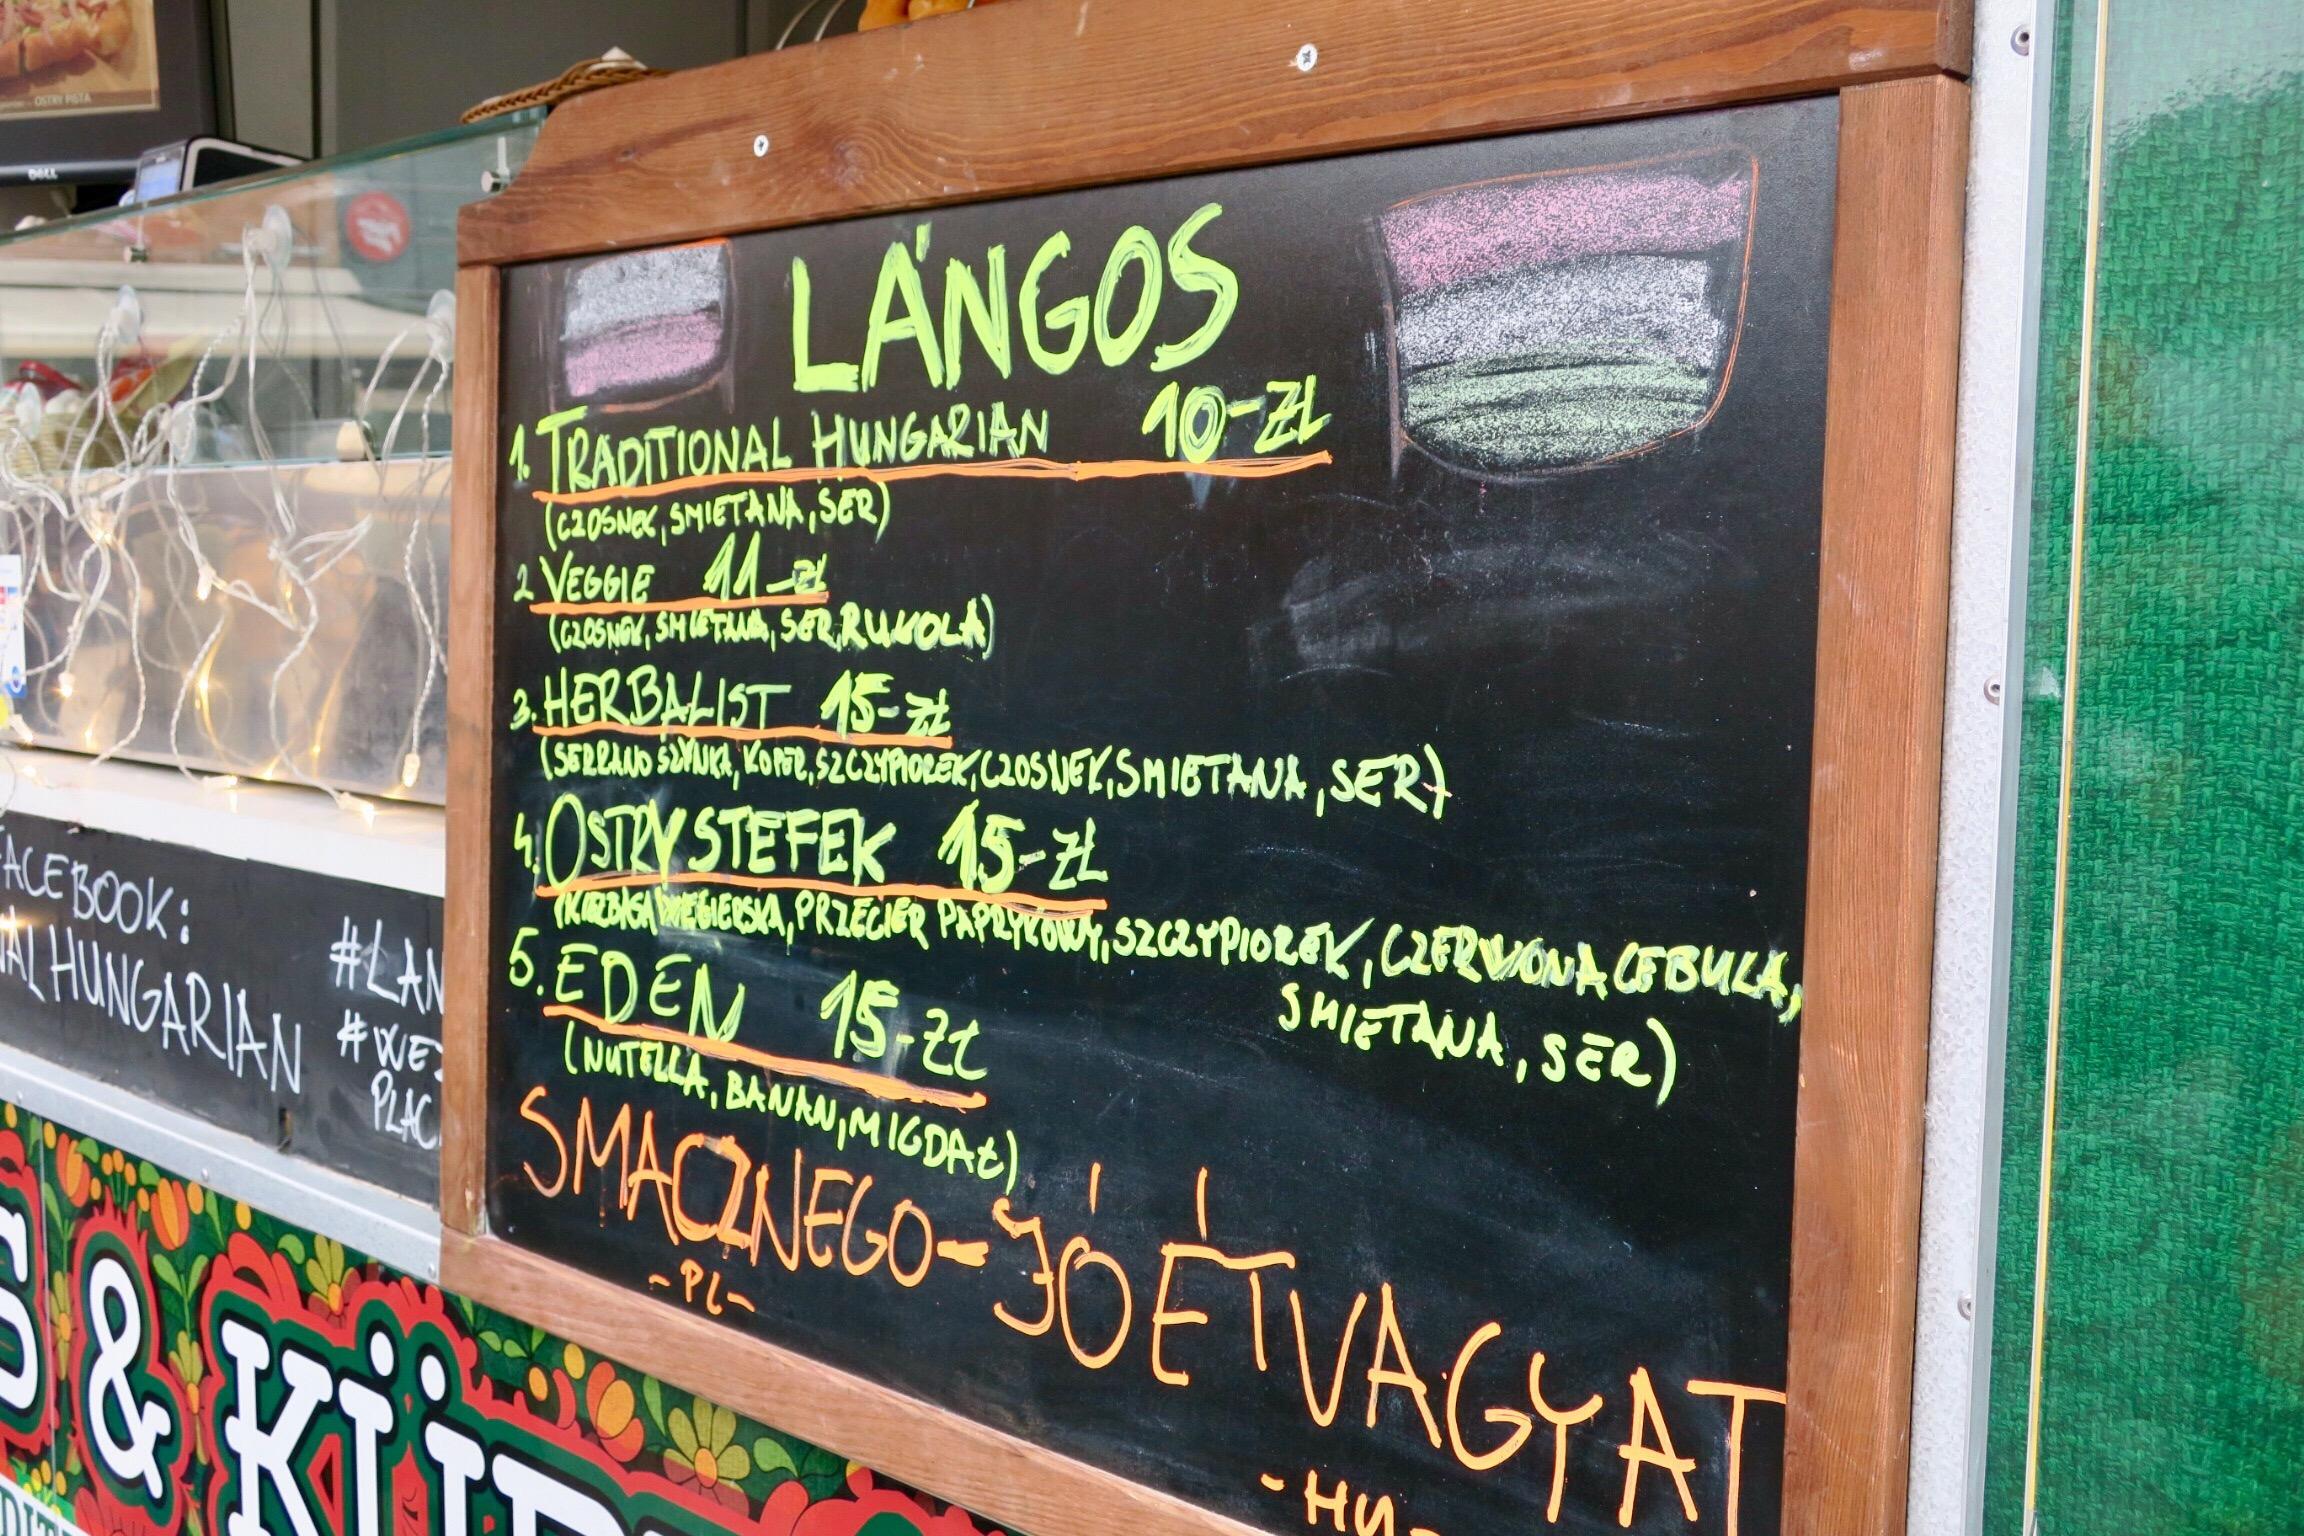 Prawdziwie Węgierski Przysmak Traditional Hungarian Langos